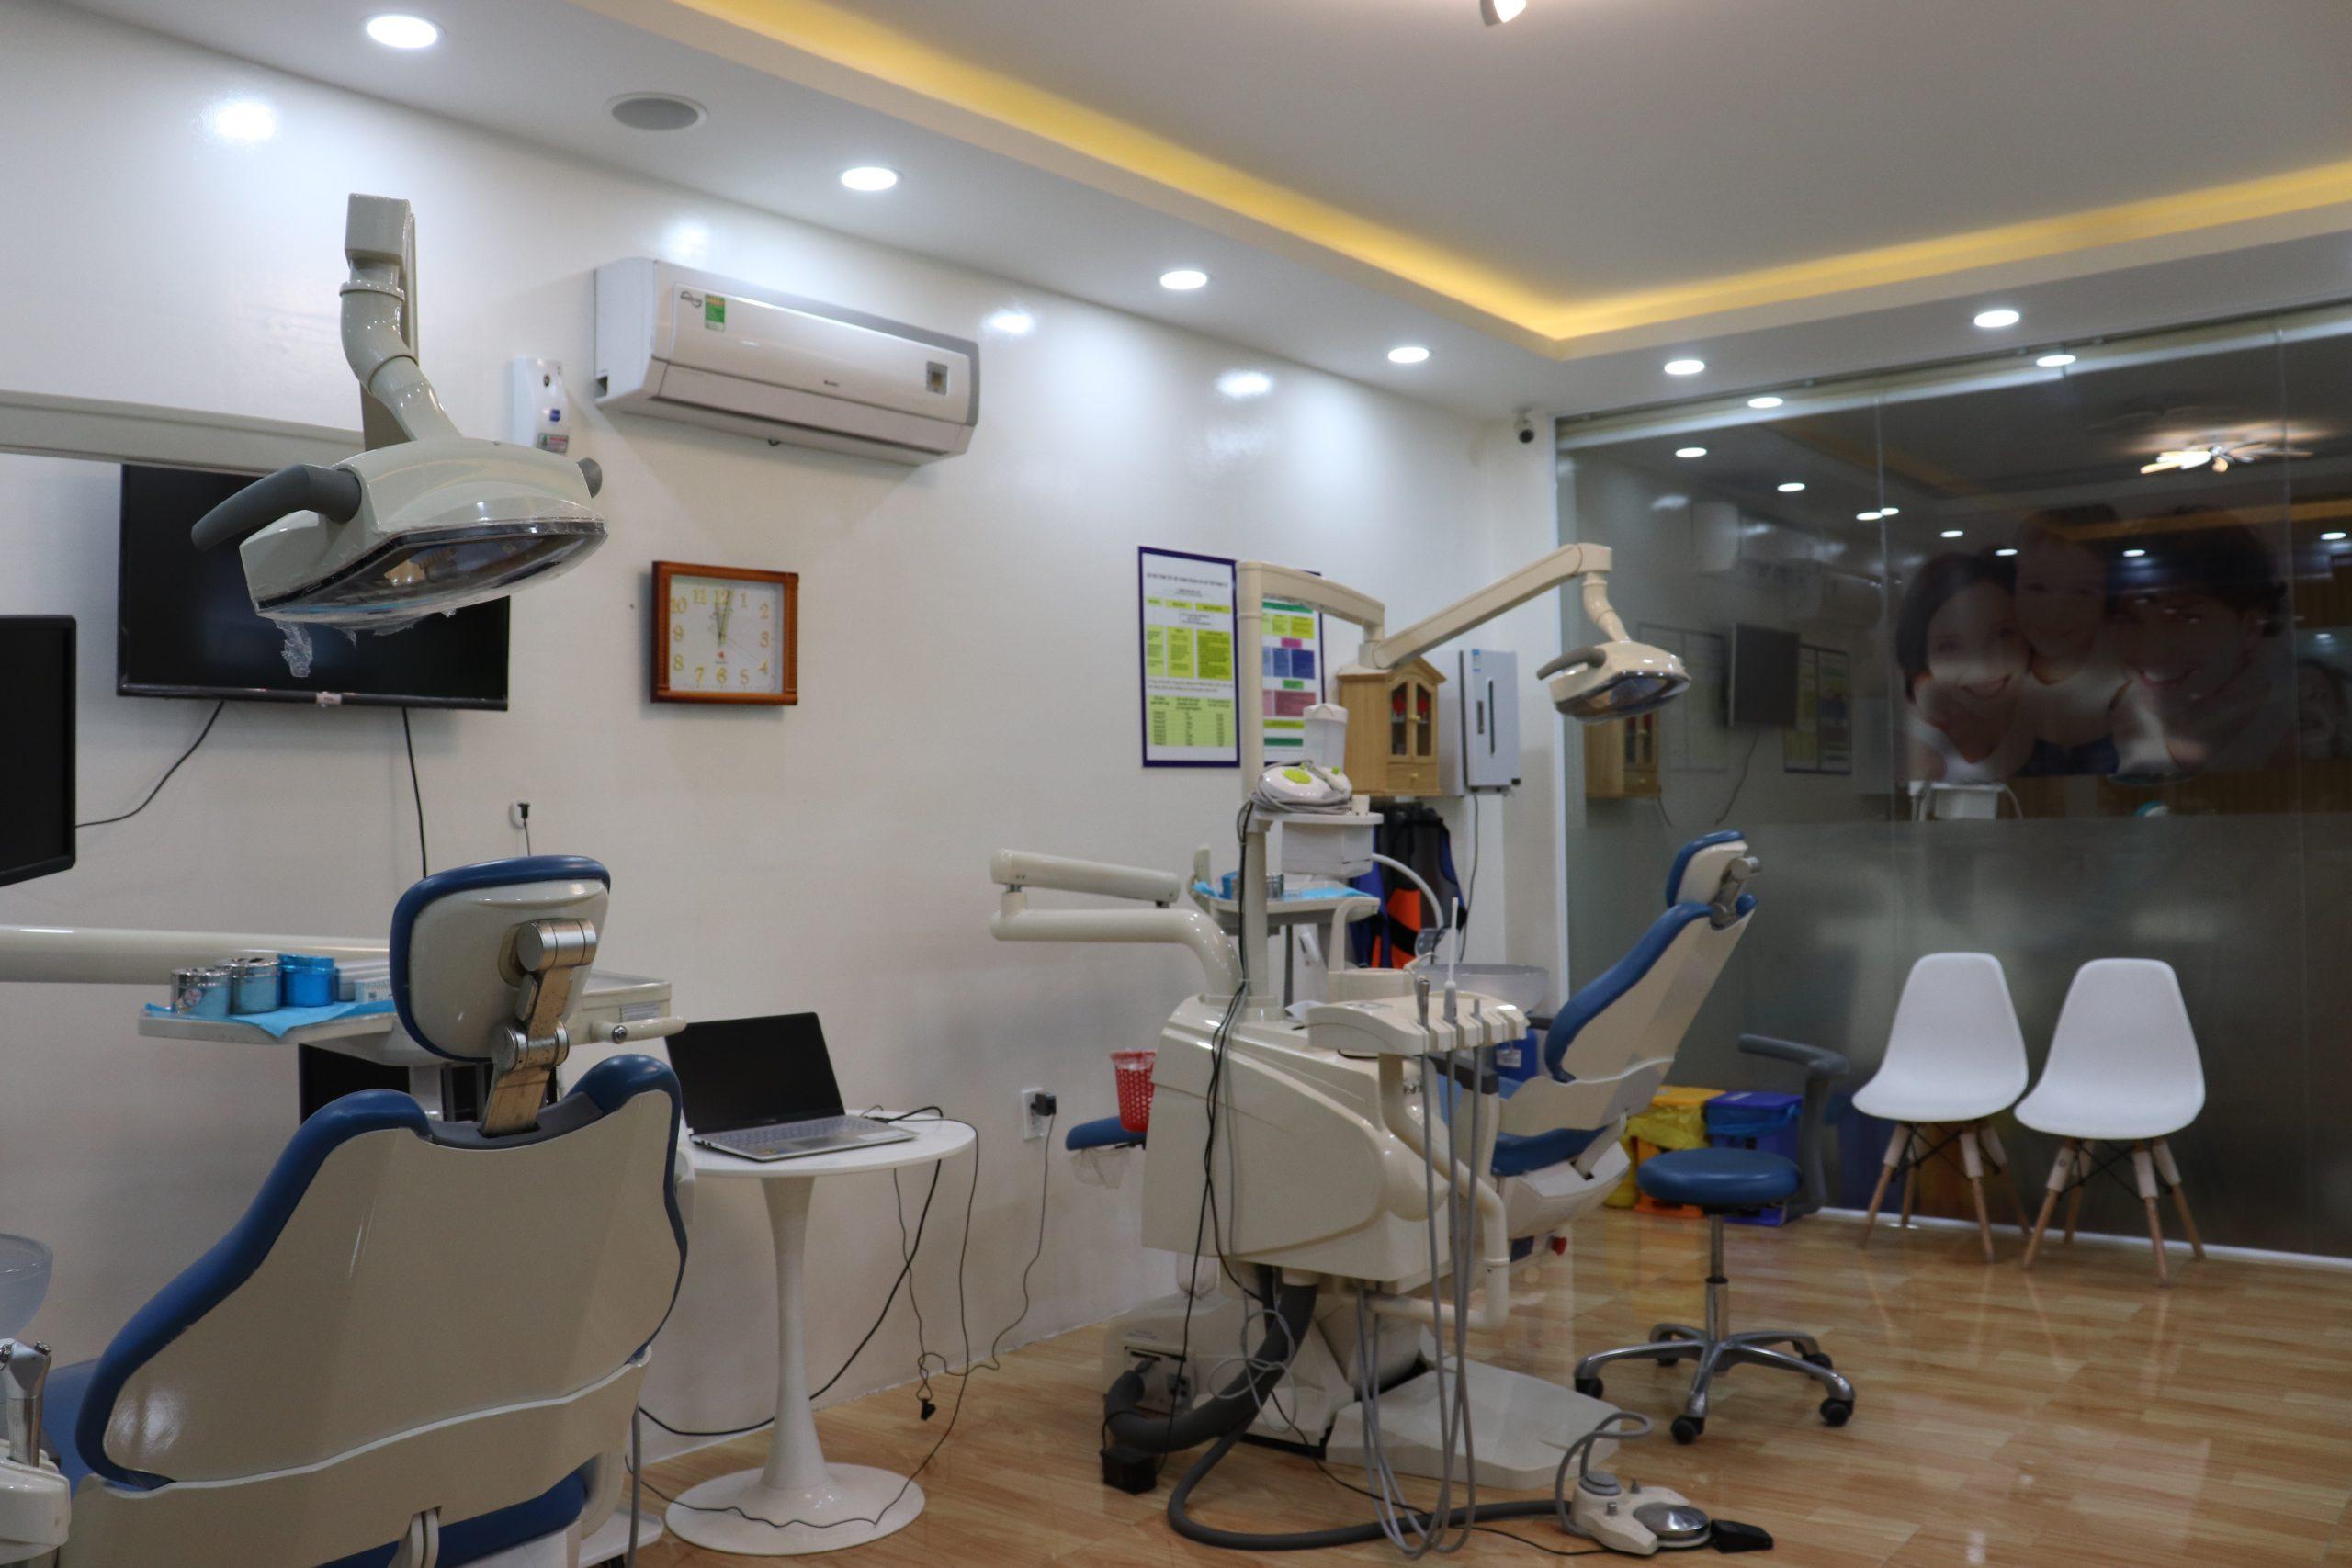 Nha khoa Sài Gòn ST - Địa chỉ niềng răng tốt và uy tín ở TPHCM